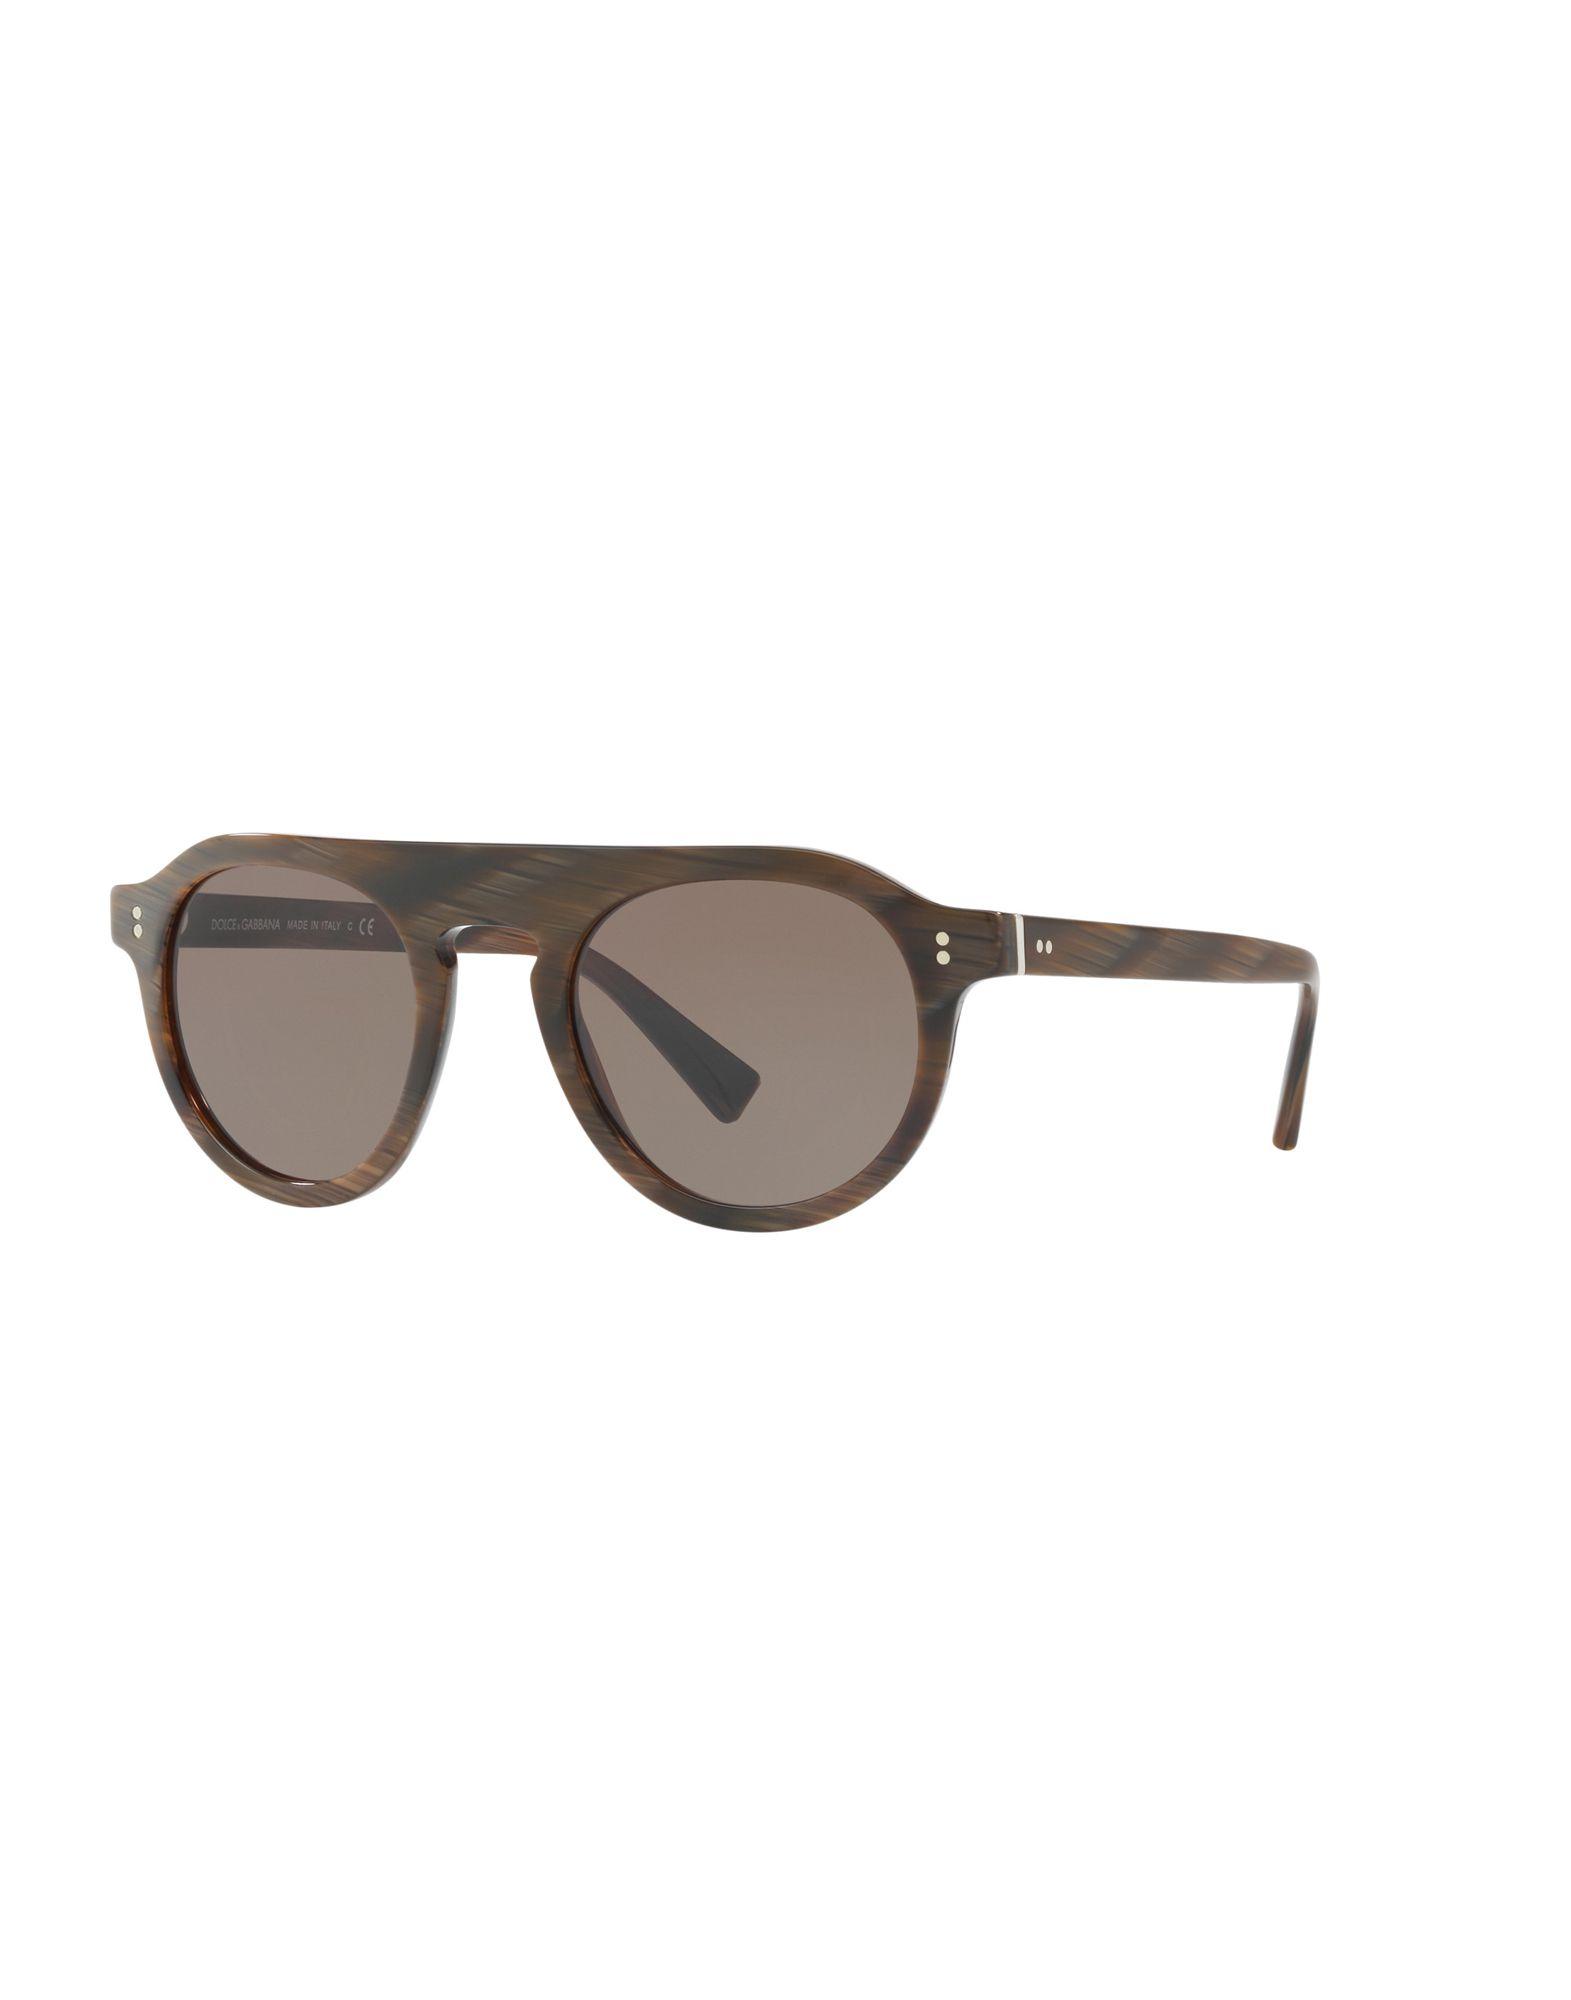 Occhiali Da Sole Dolce & Gabbana Dg4306 - Uomo - Acquista online su